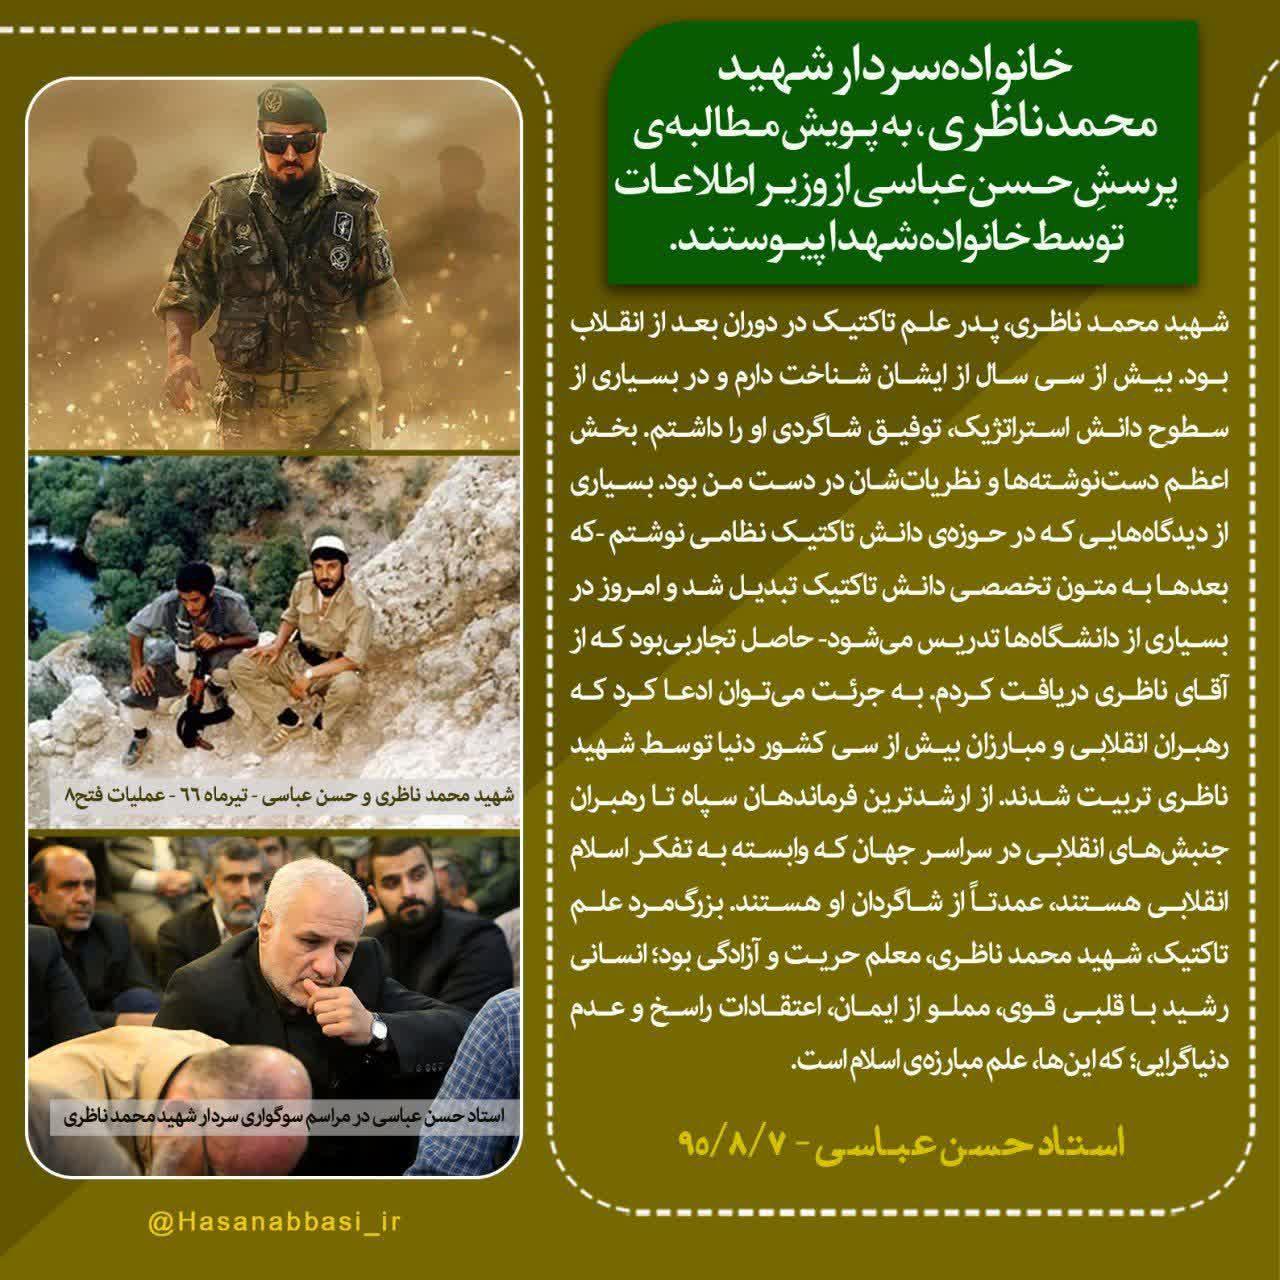 http://dl-abbasi.ir/yekta/1398/Graphic/Shohada/Shakhes5.jpg